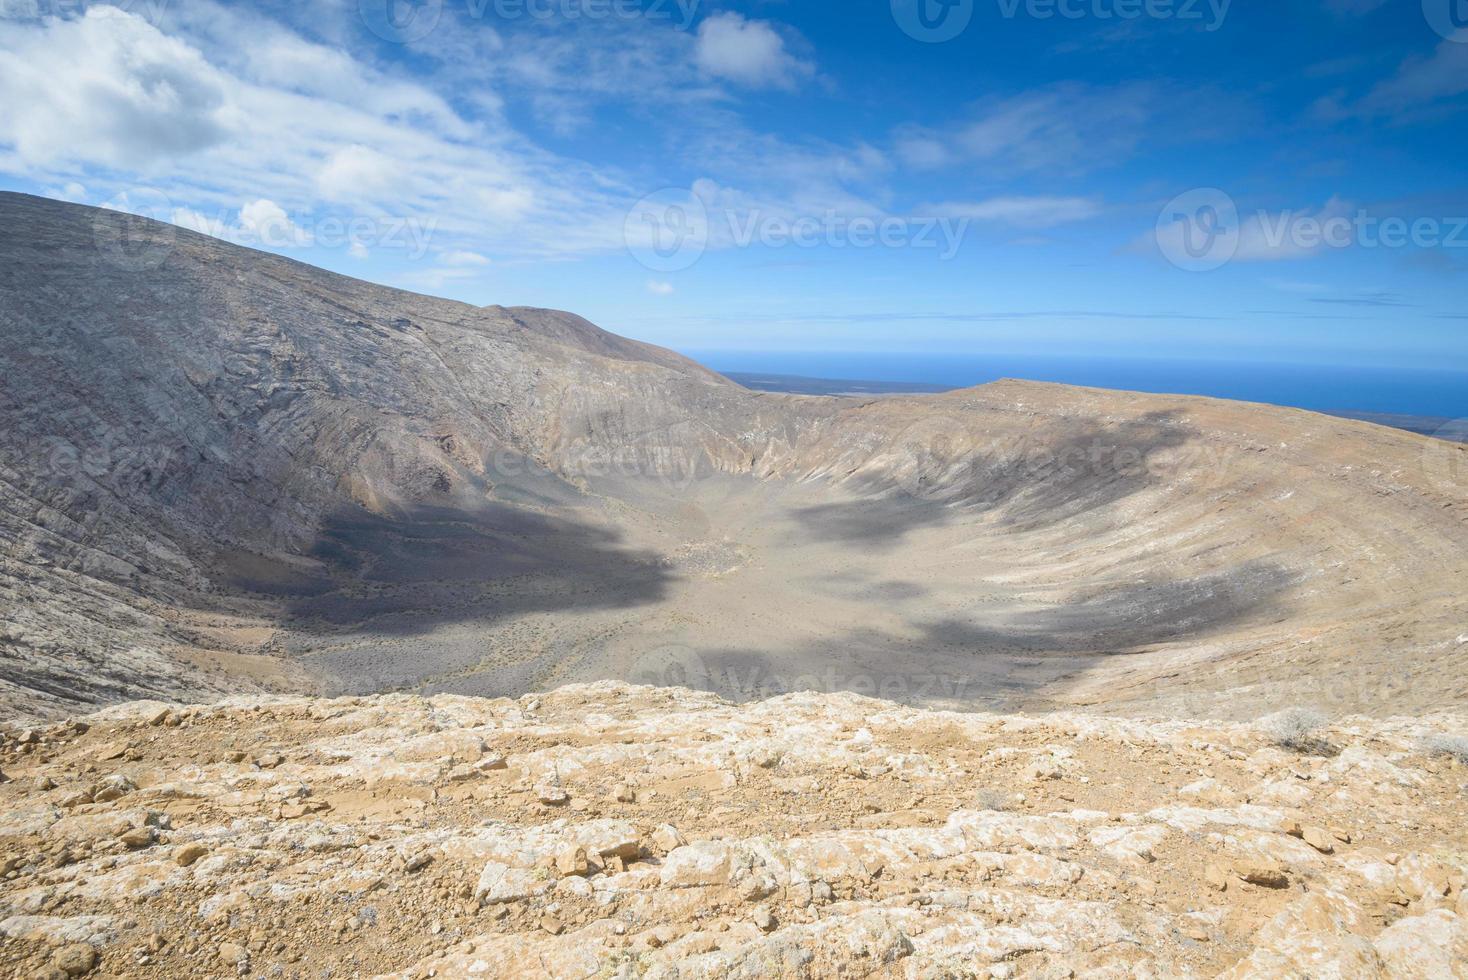 cráter blanco en lanzarote, islas canarias (españa) foto